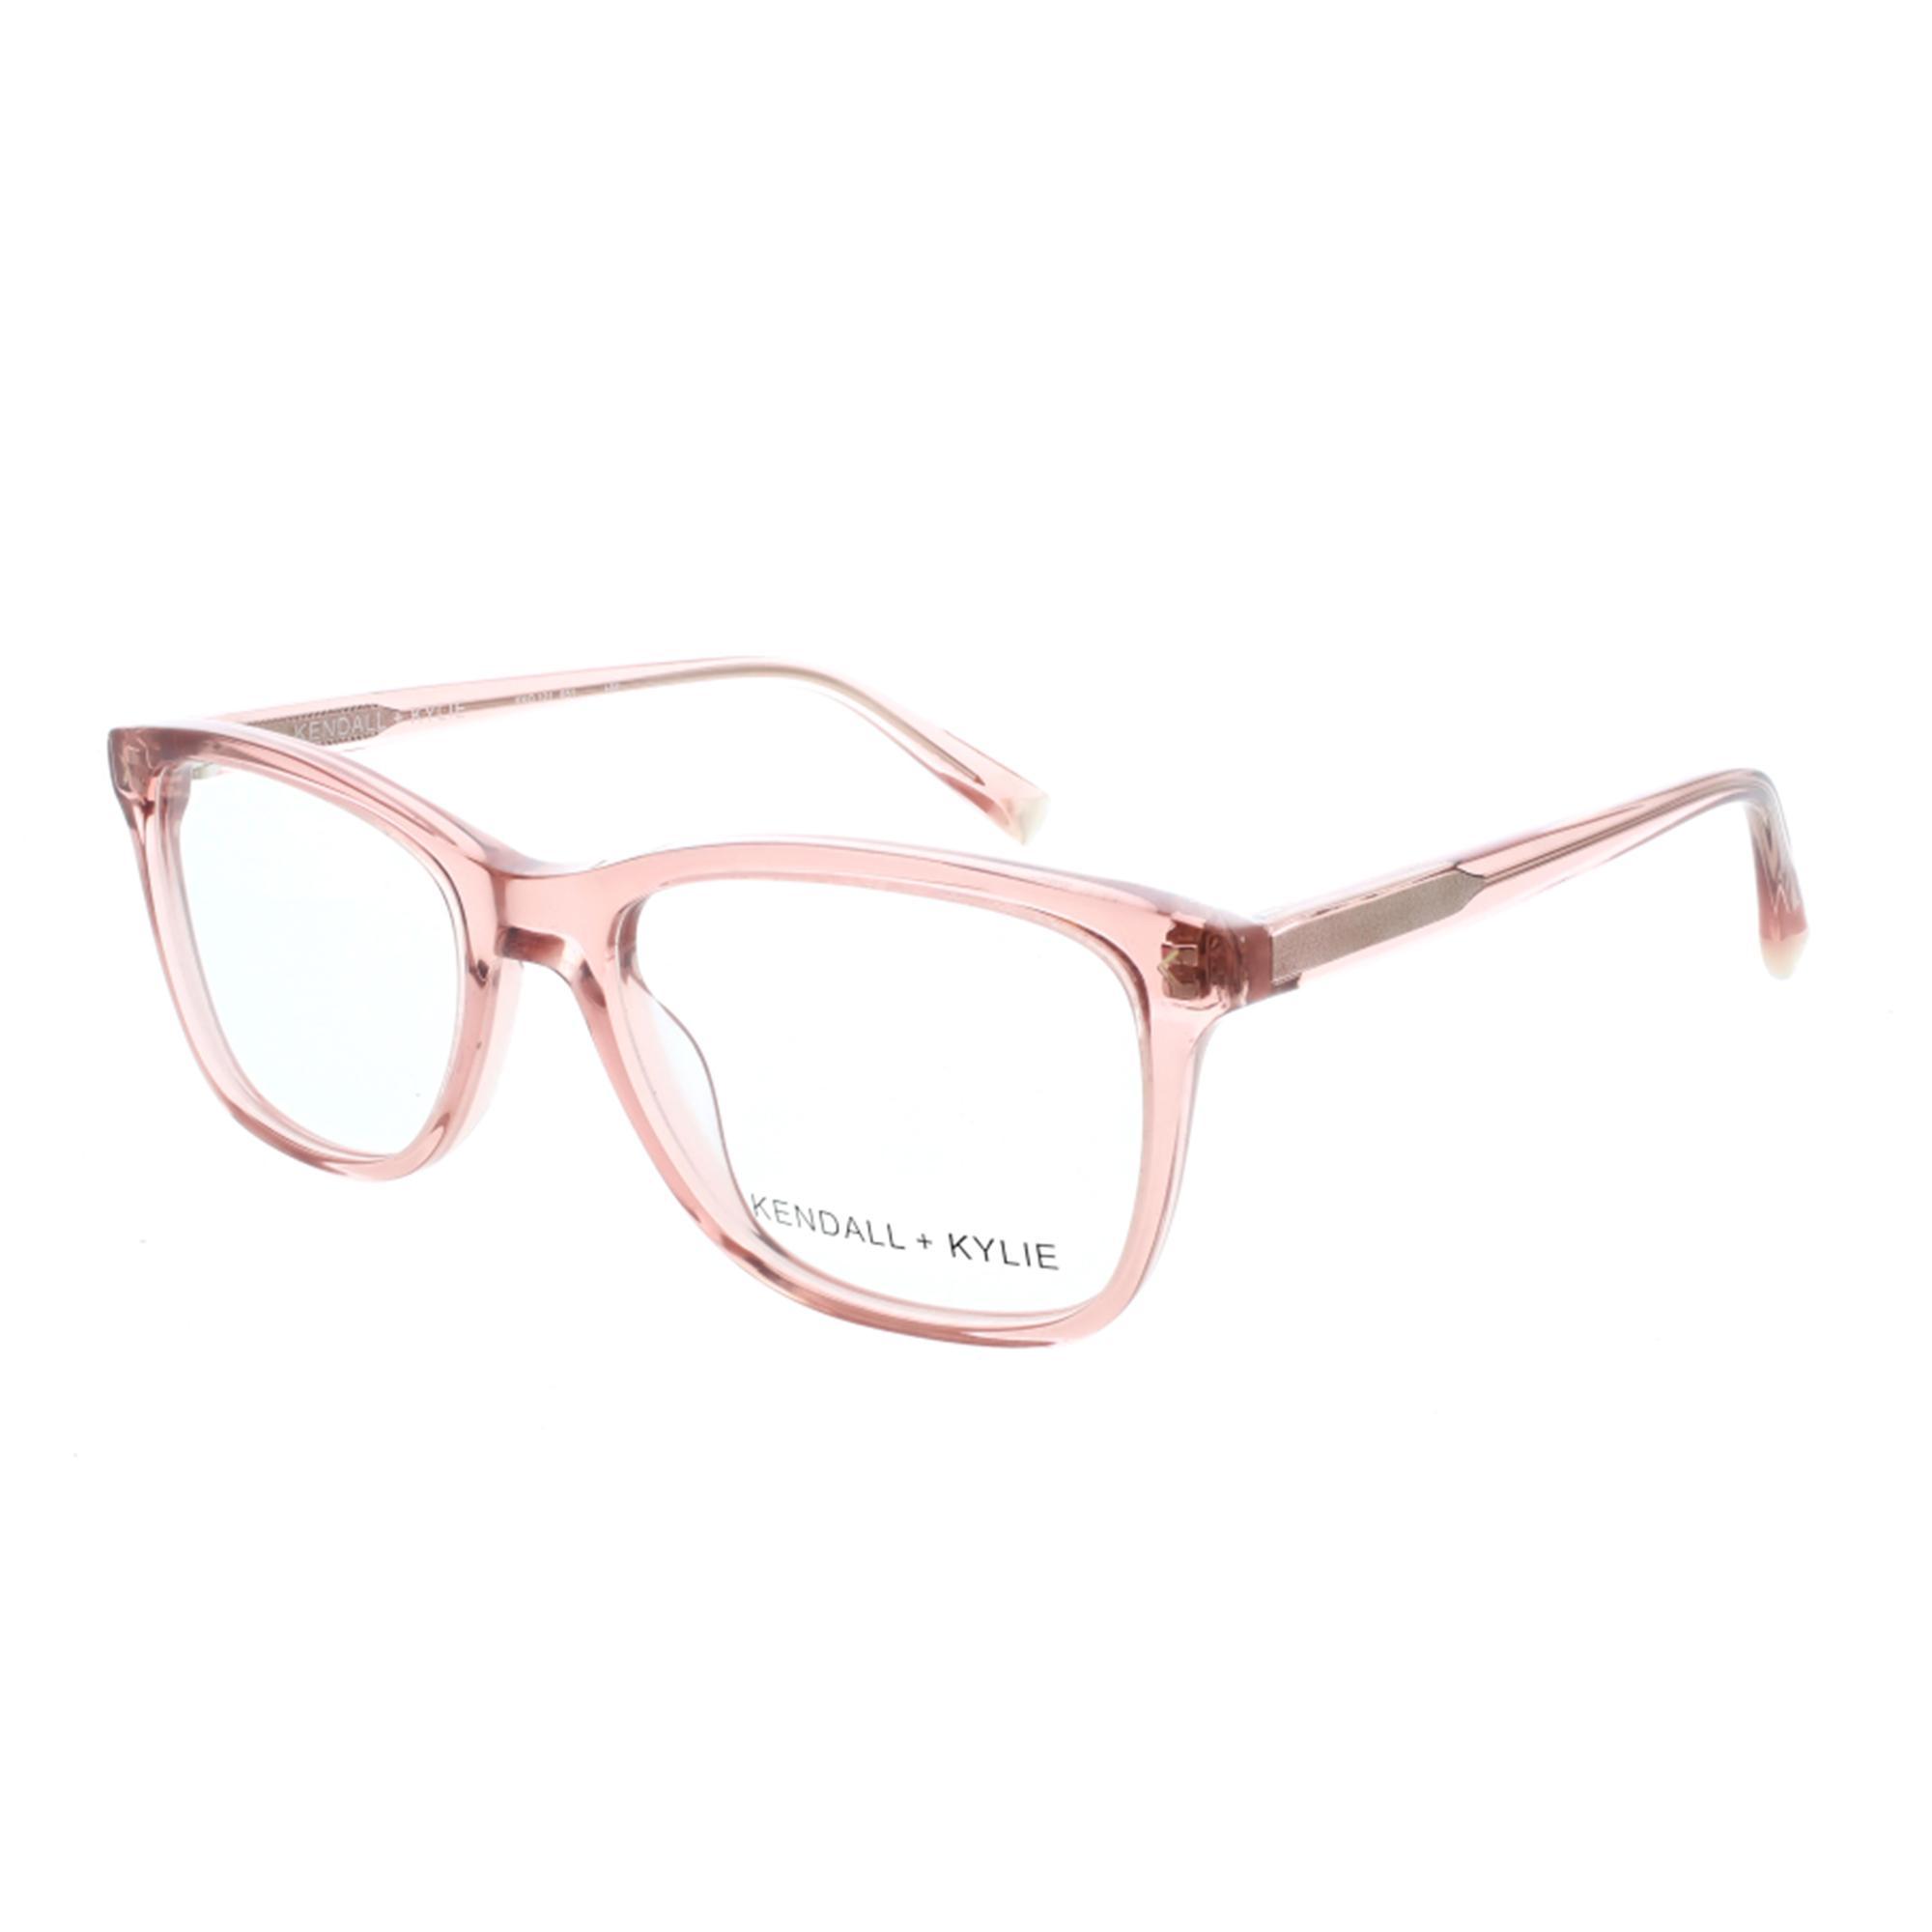 d33dbe16171 Womens Fashion Glasses for sale - Designer Glasses for Women online ...